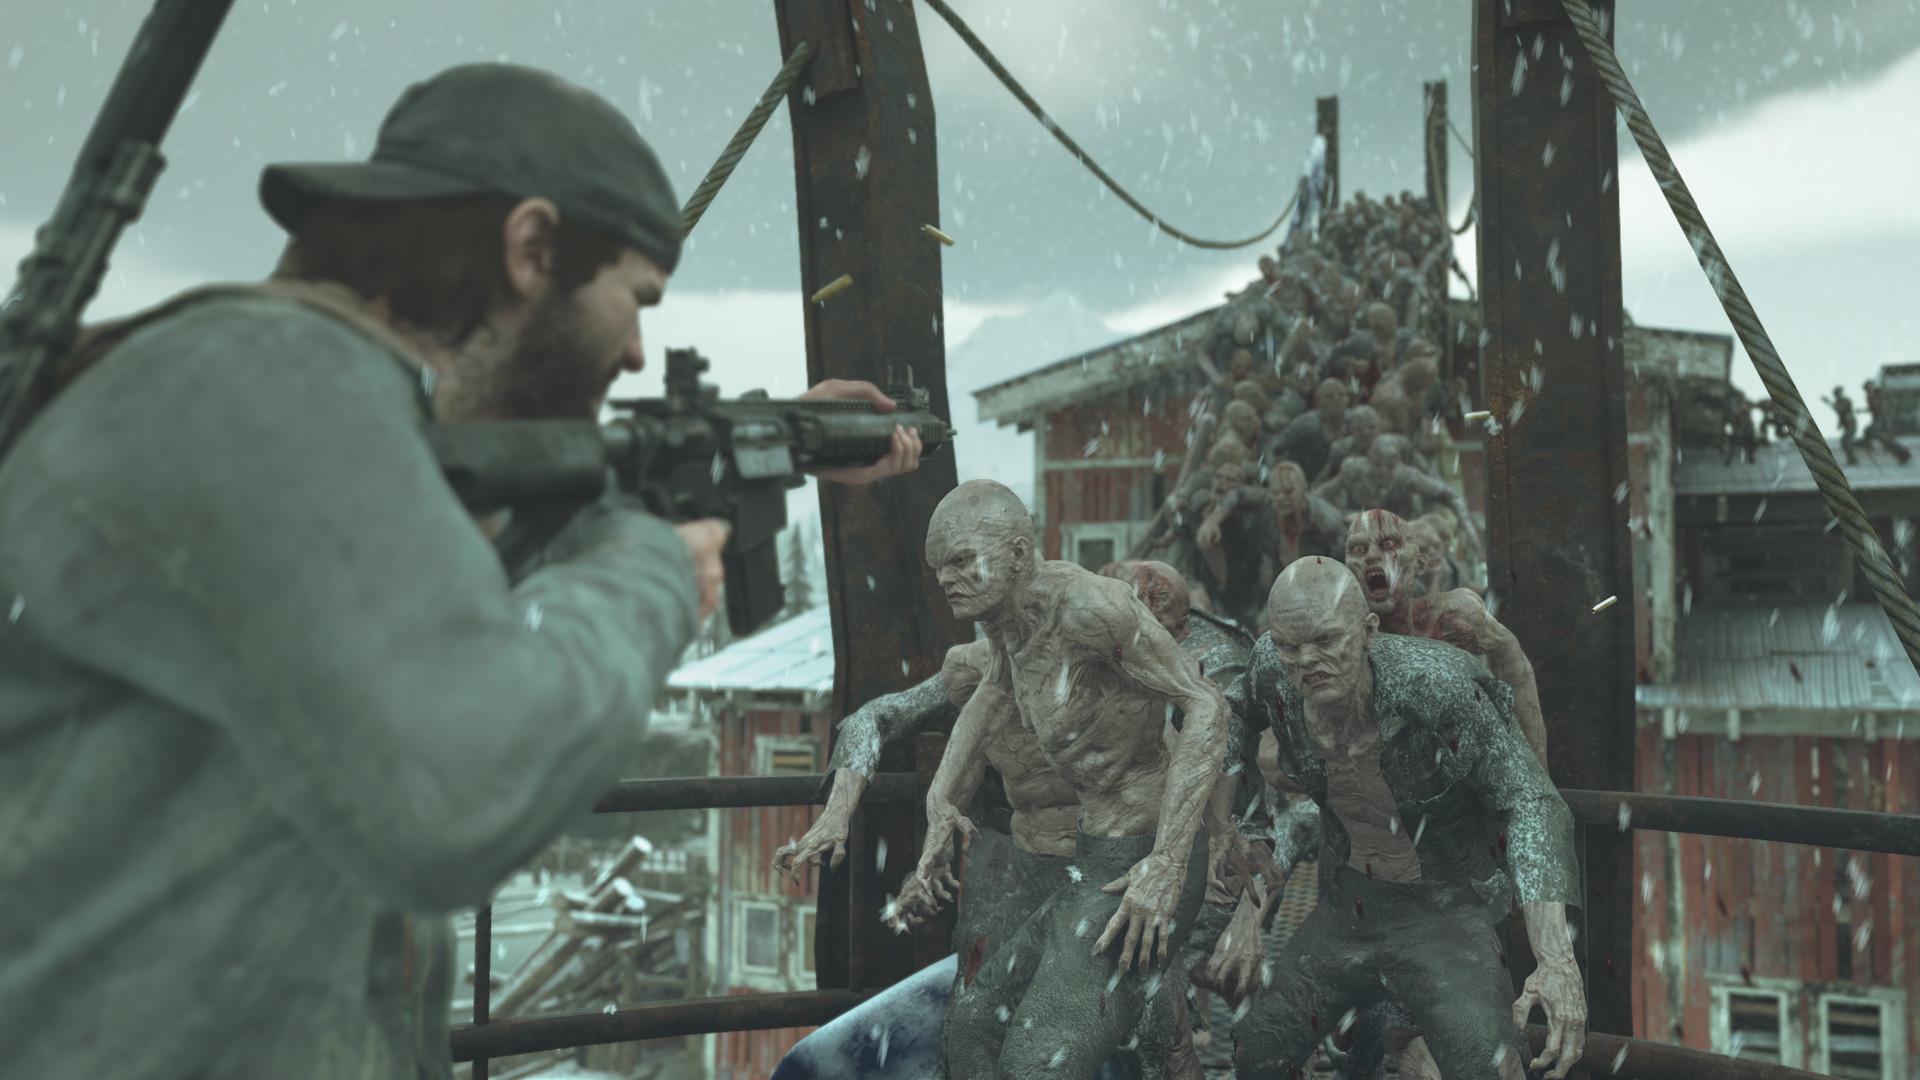 Ein Mann kämpft auf einer Brücke gegen Zombie-artige Kreaturen